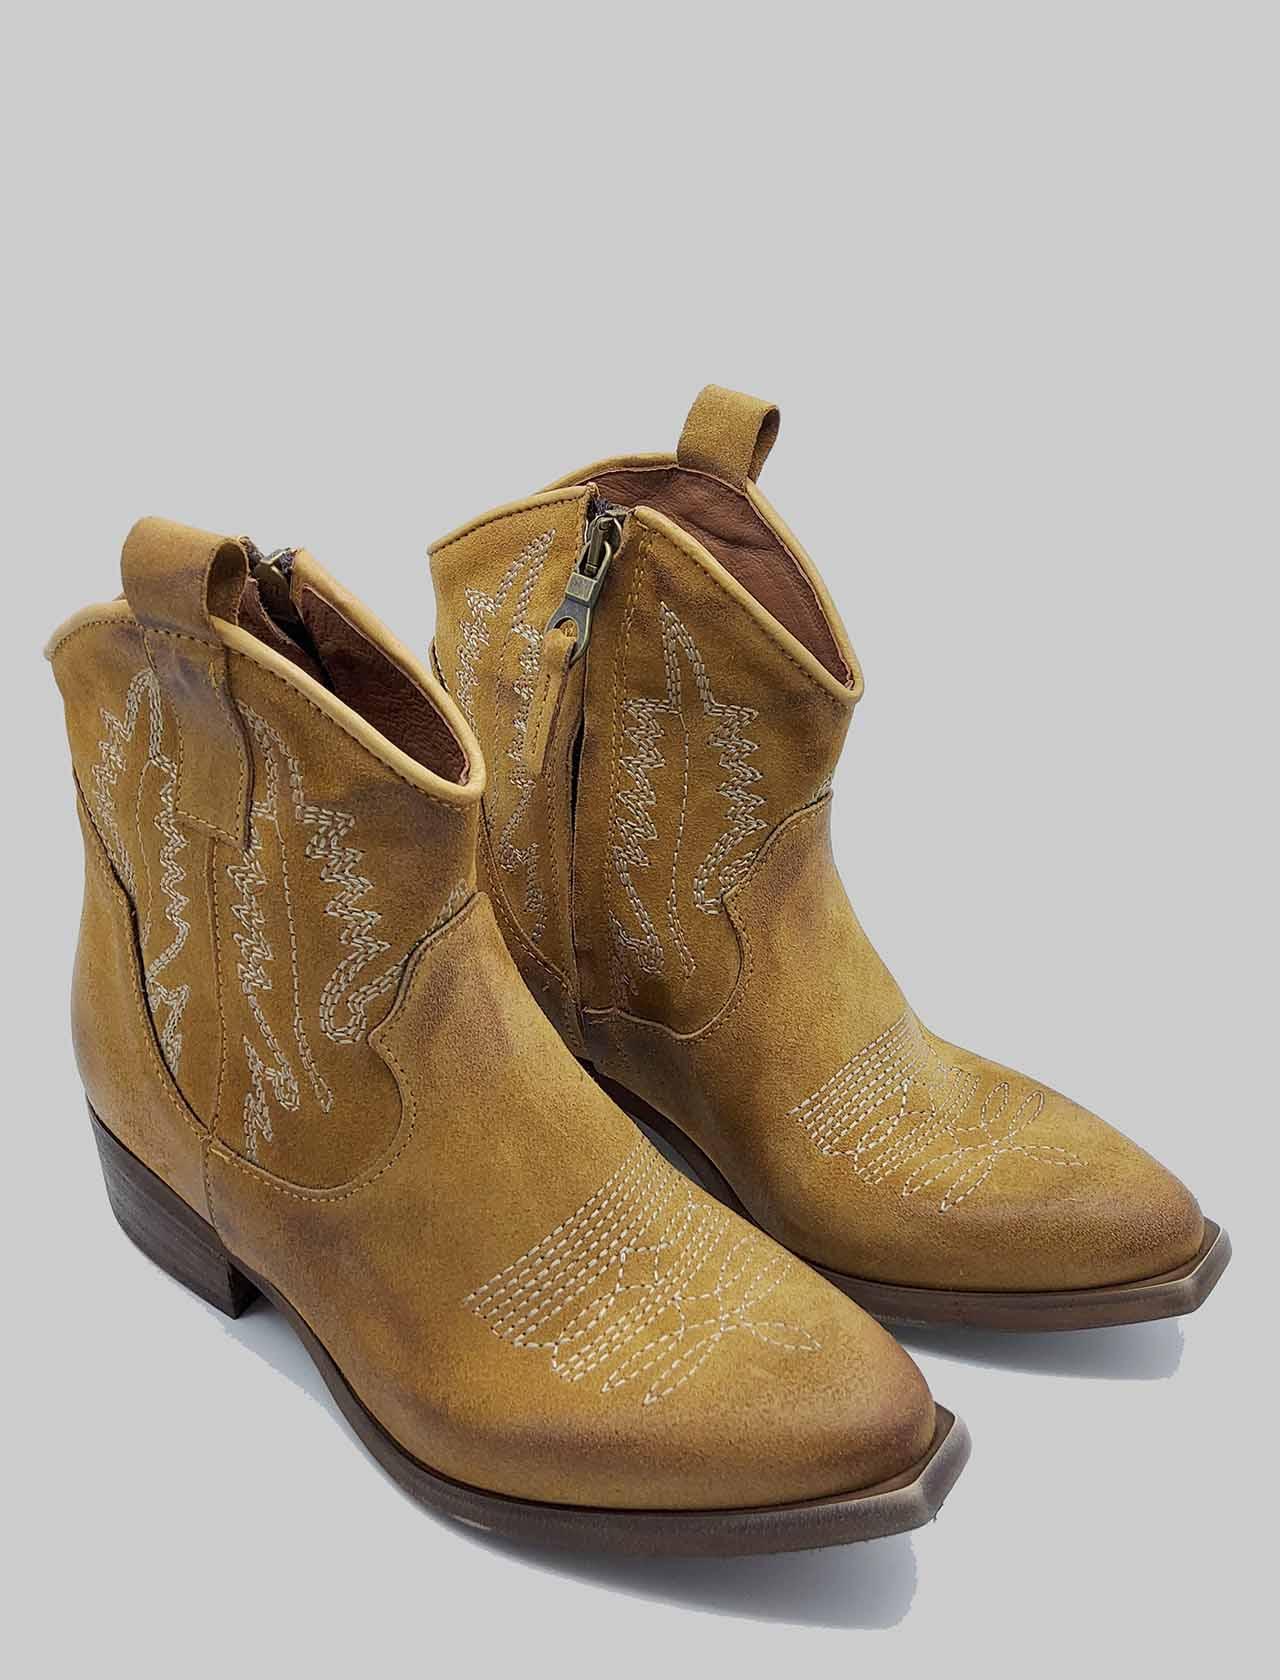 Calzature Donna Stivaletti Texani in Camoscio Camel con Cuinture Zoe   Stivaletti   NEWTEXRIC014